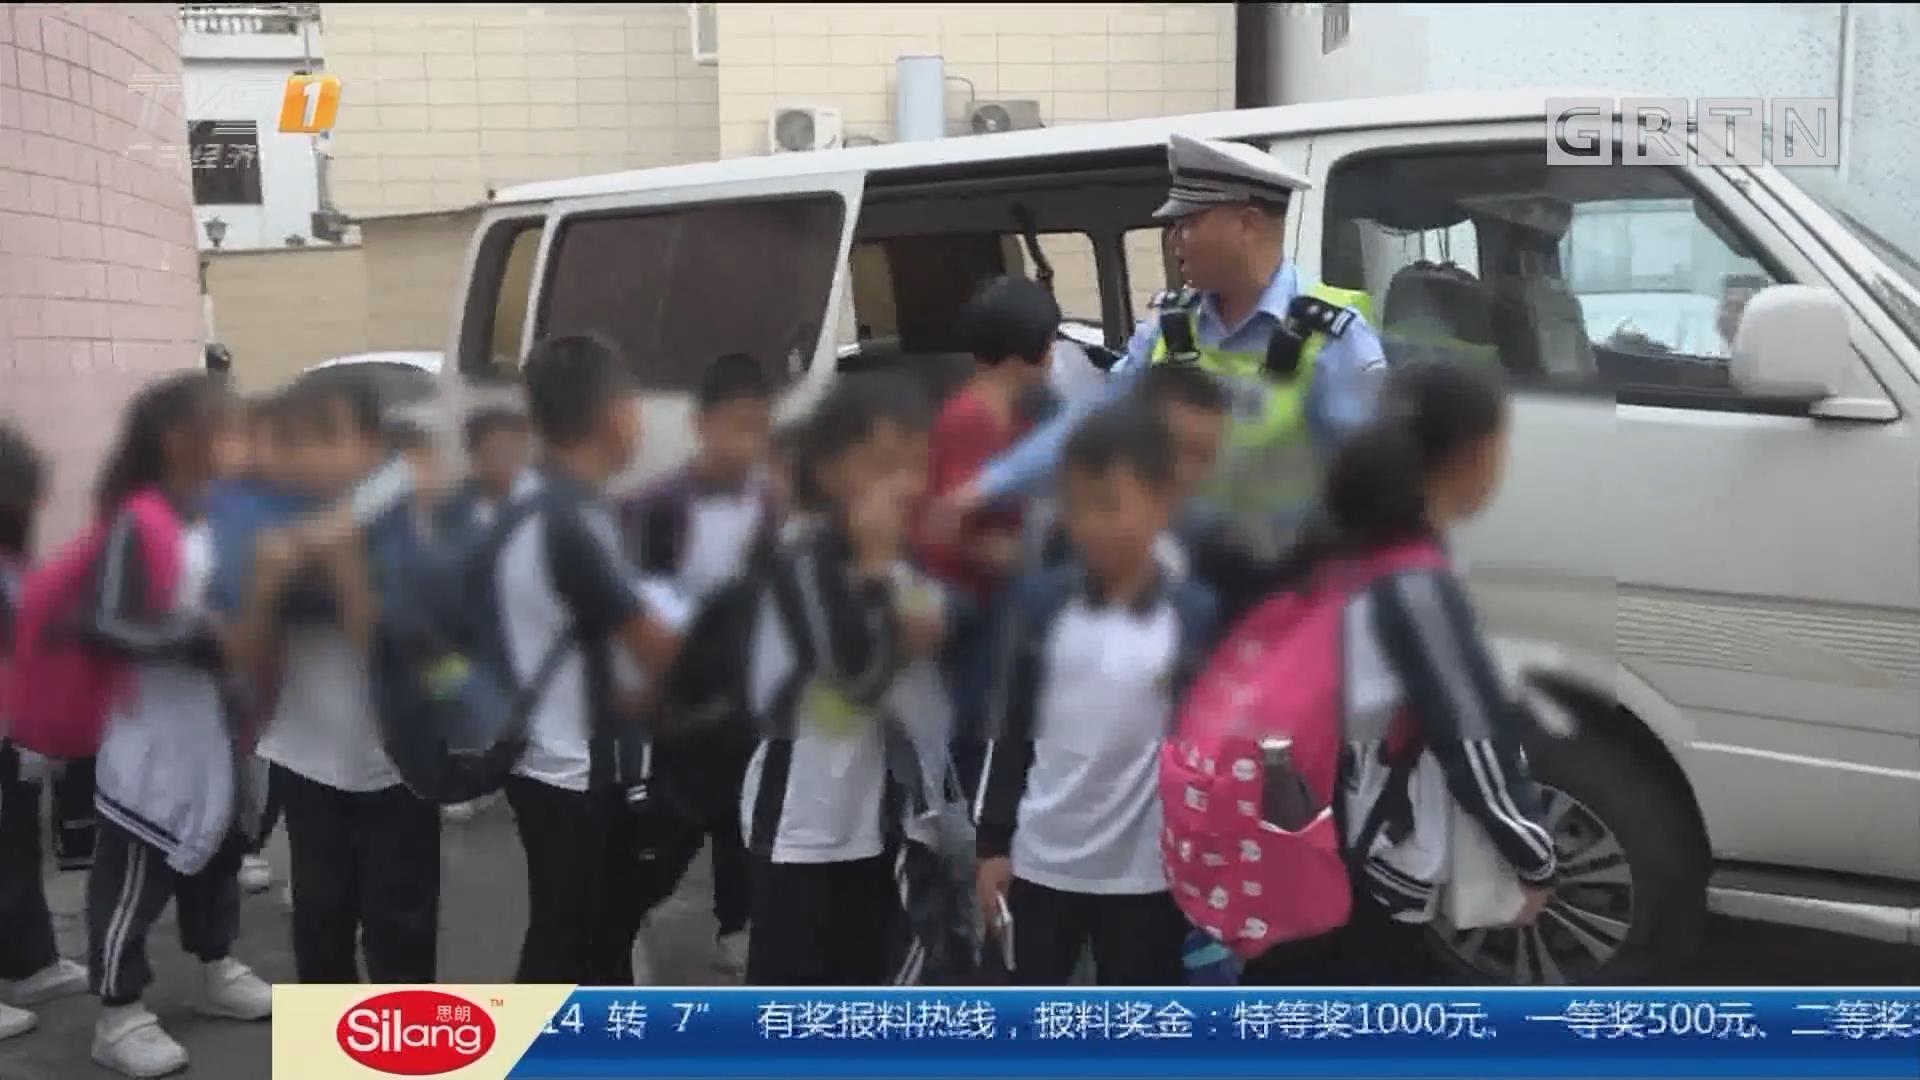 顺德:打击超载 9人客车塞进17名学生 扣车罚司机!